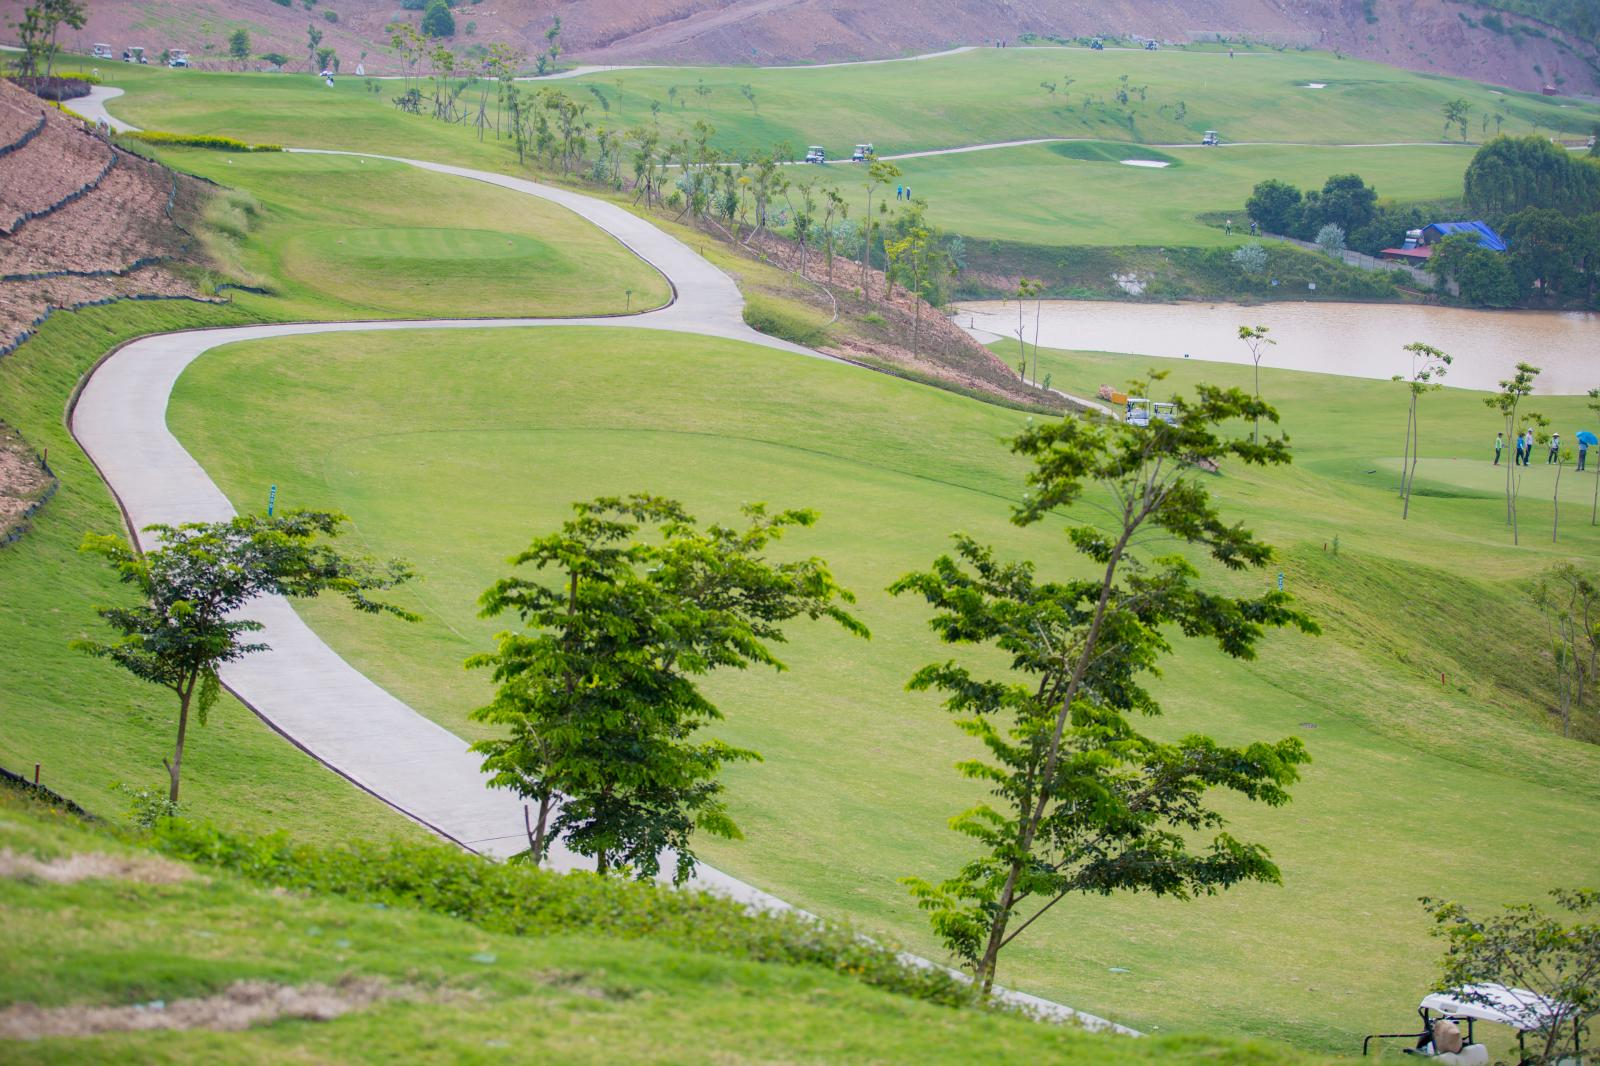 Một sân Golf trên đồi cao với một vài cây xanh nhỏ